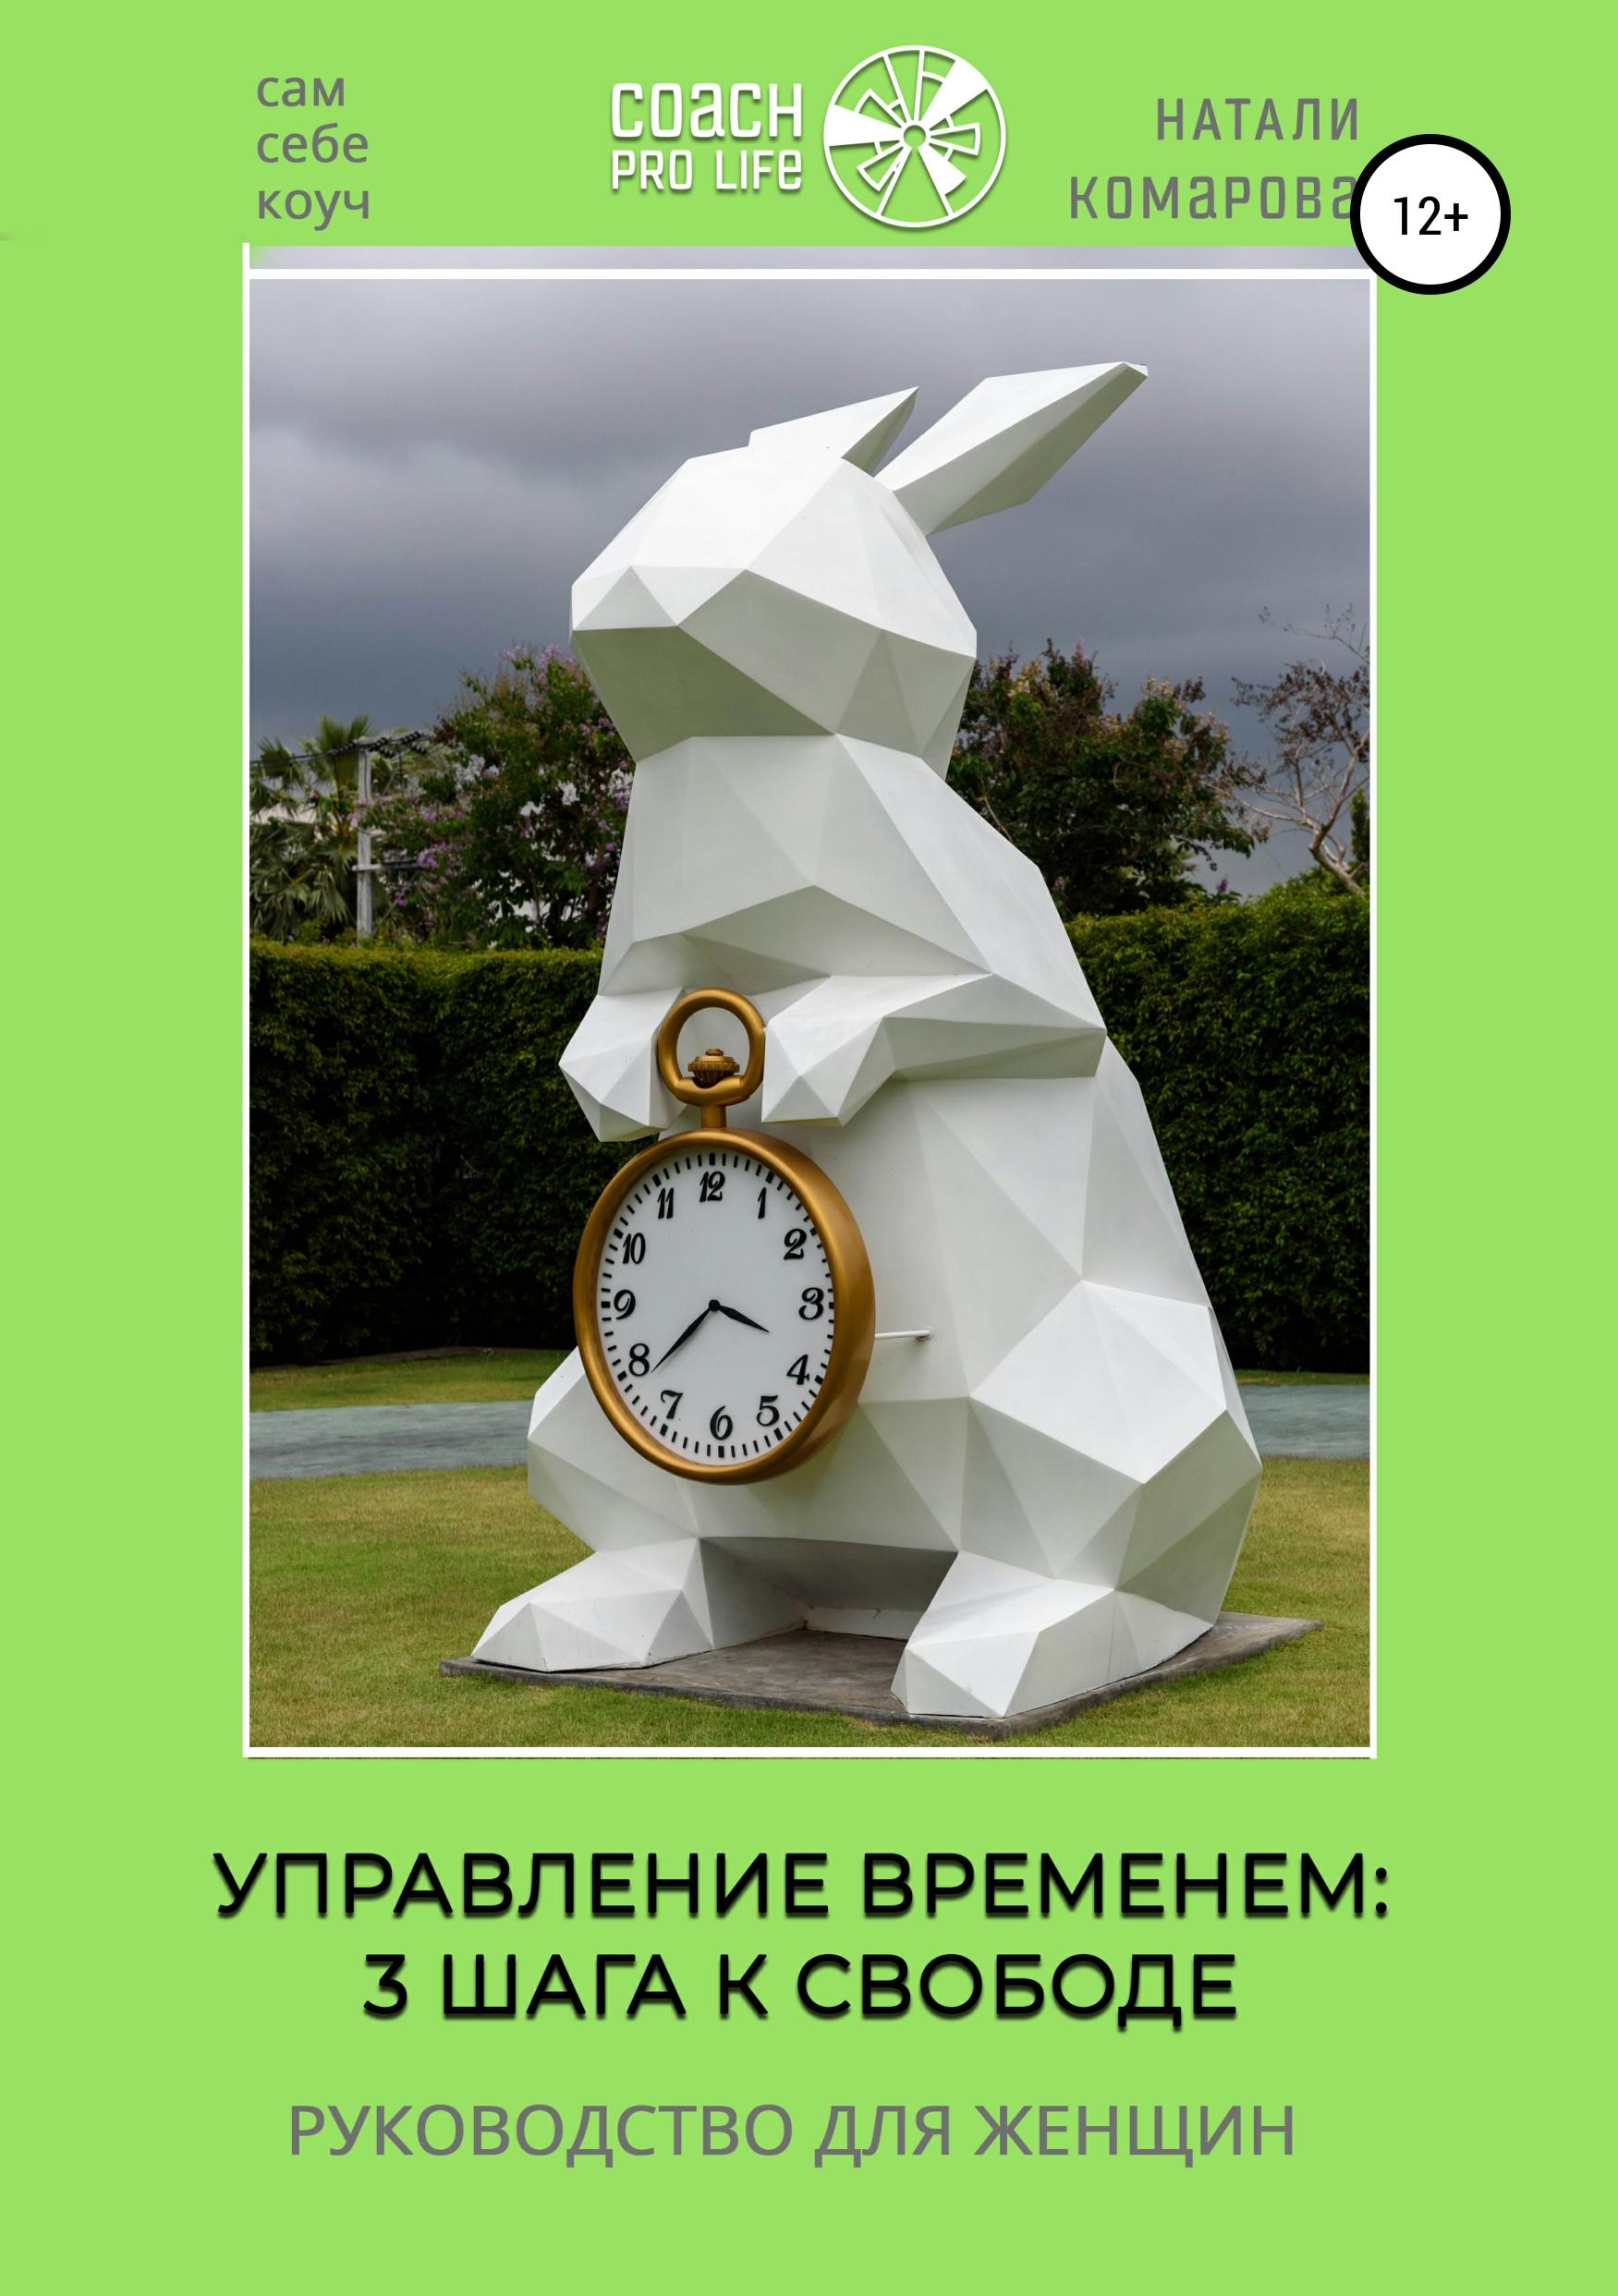 Натали Комарова «Управление временем: 3шага к свободе»